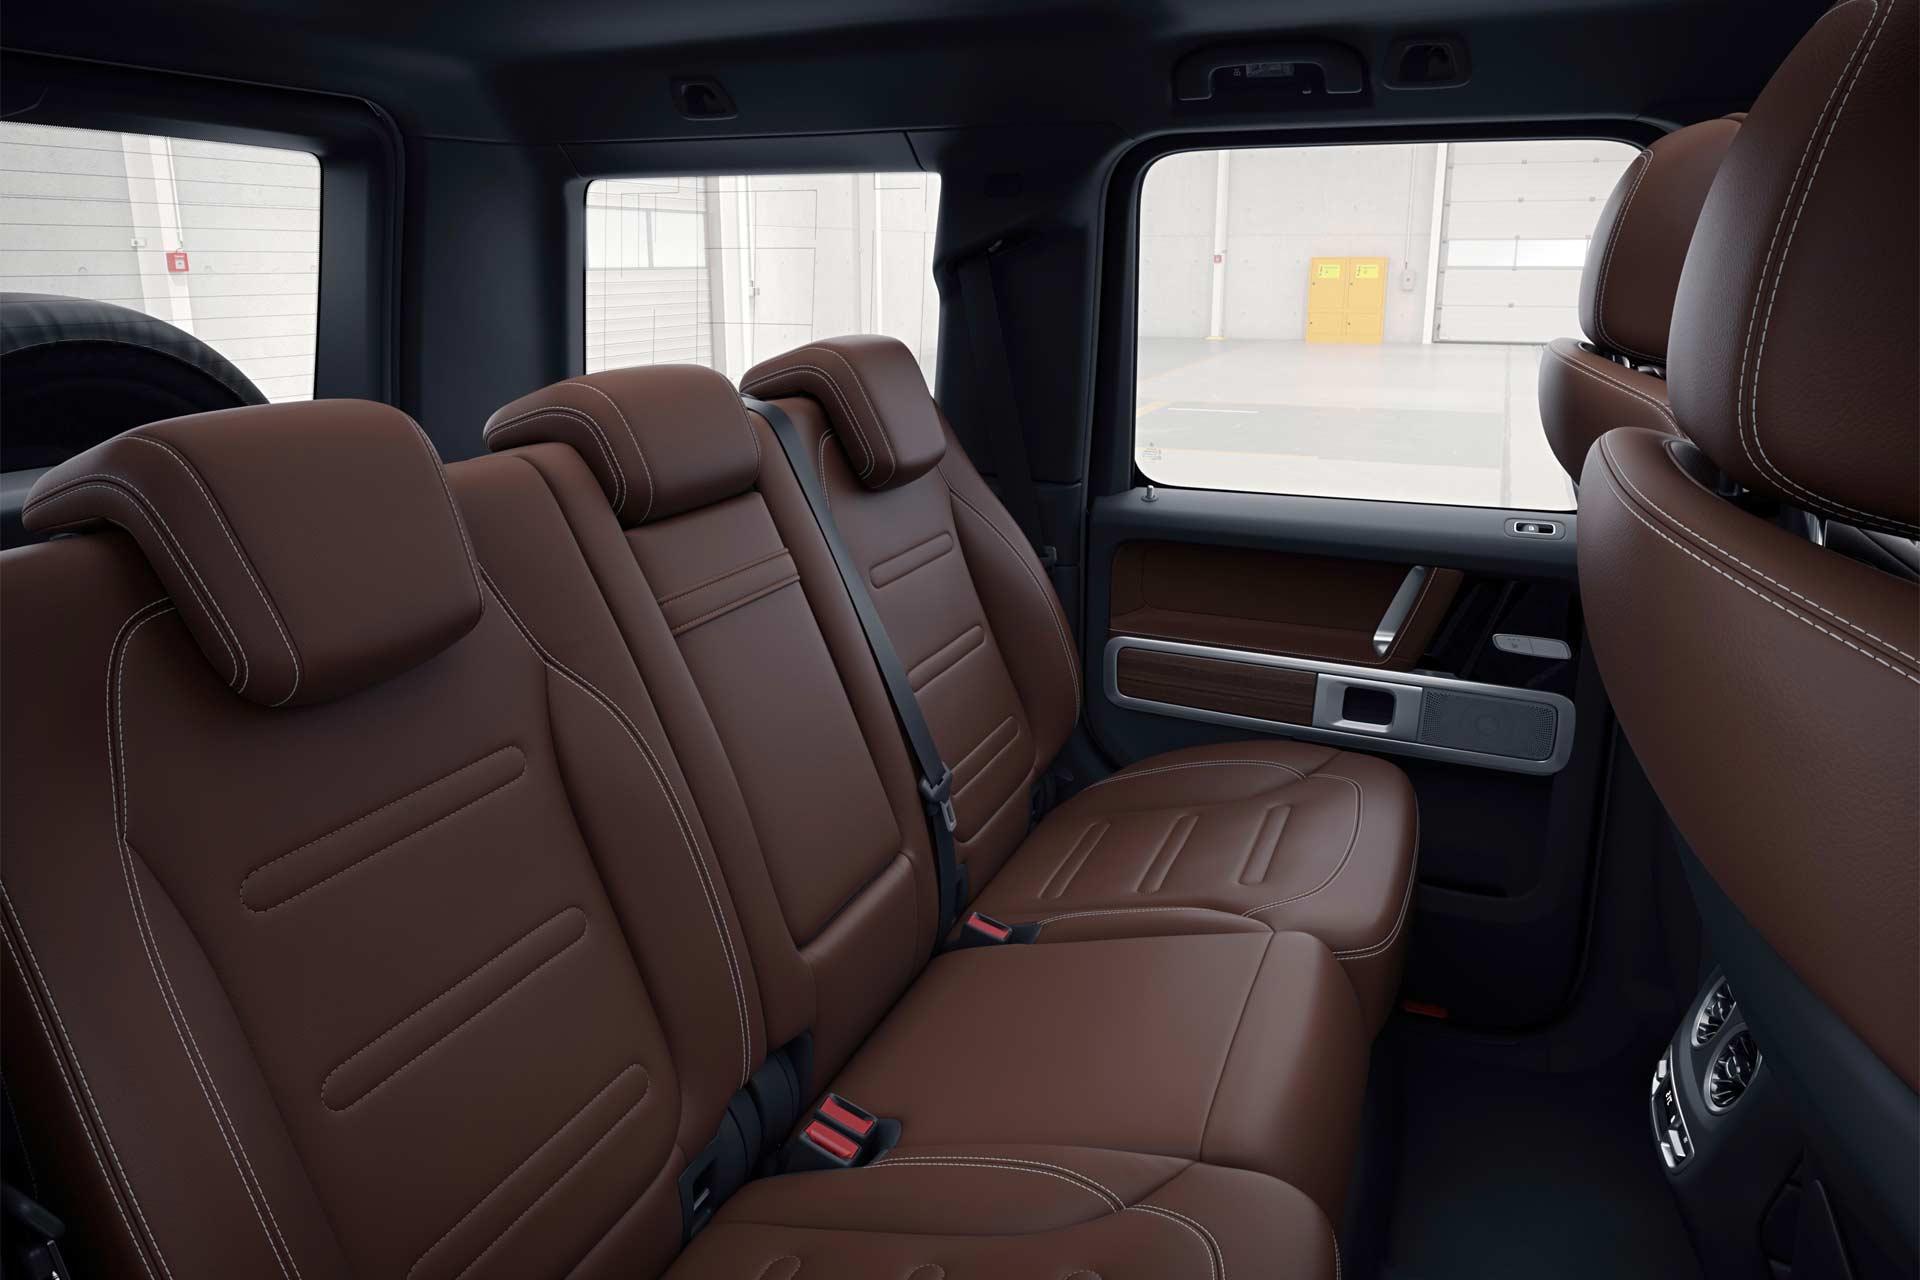 2018-Mercedes-Benz-G-Class-interior_4